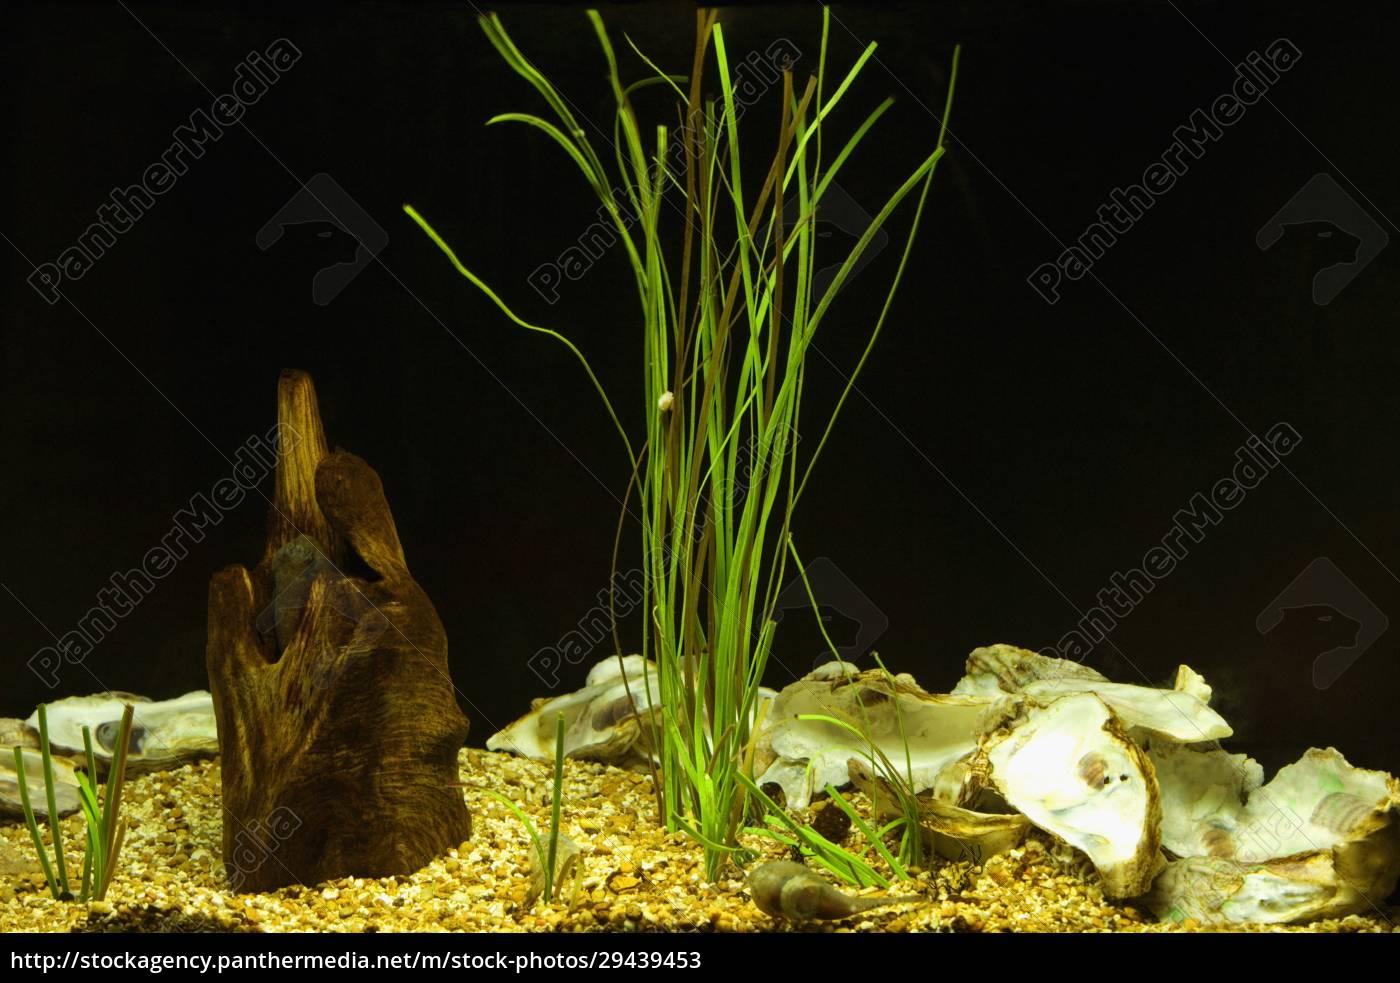 nahaufnahme, von, pflanzen, unter, wasser - 29439453